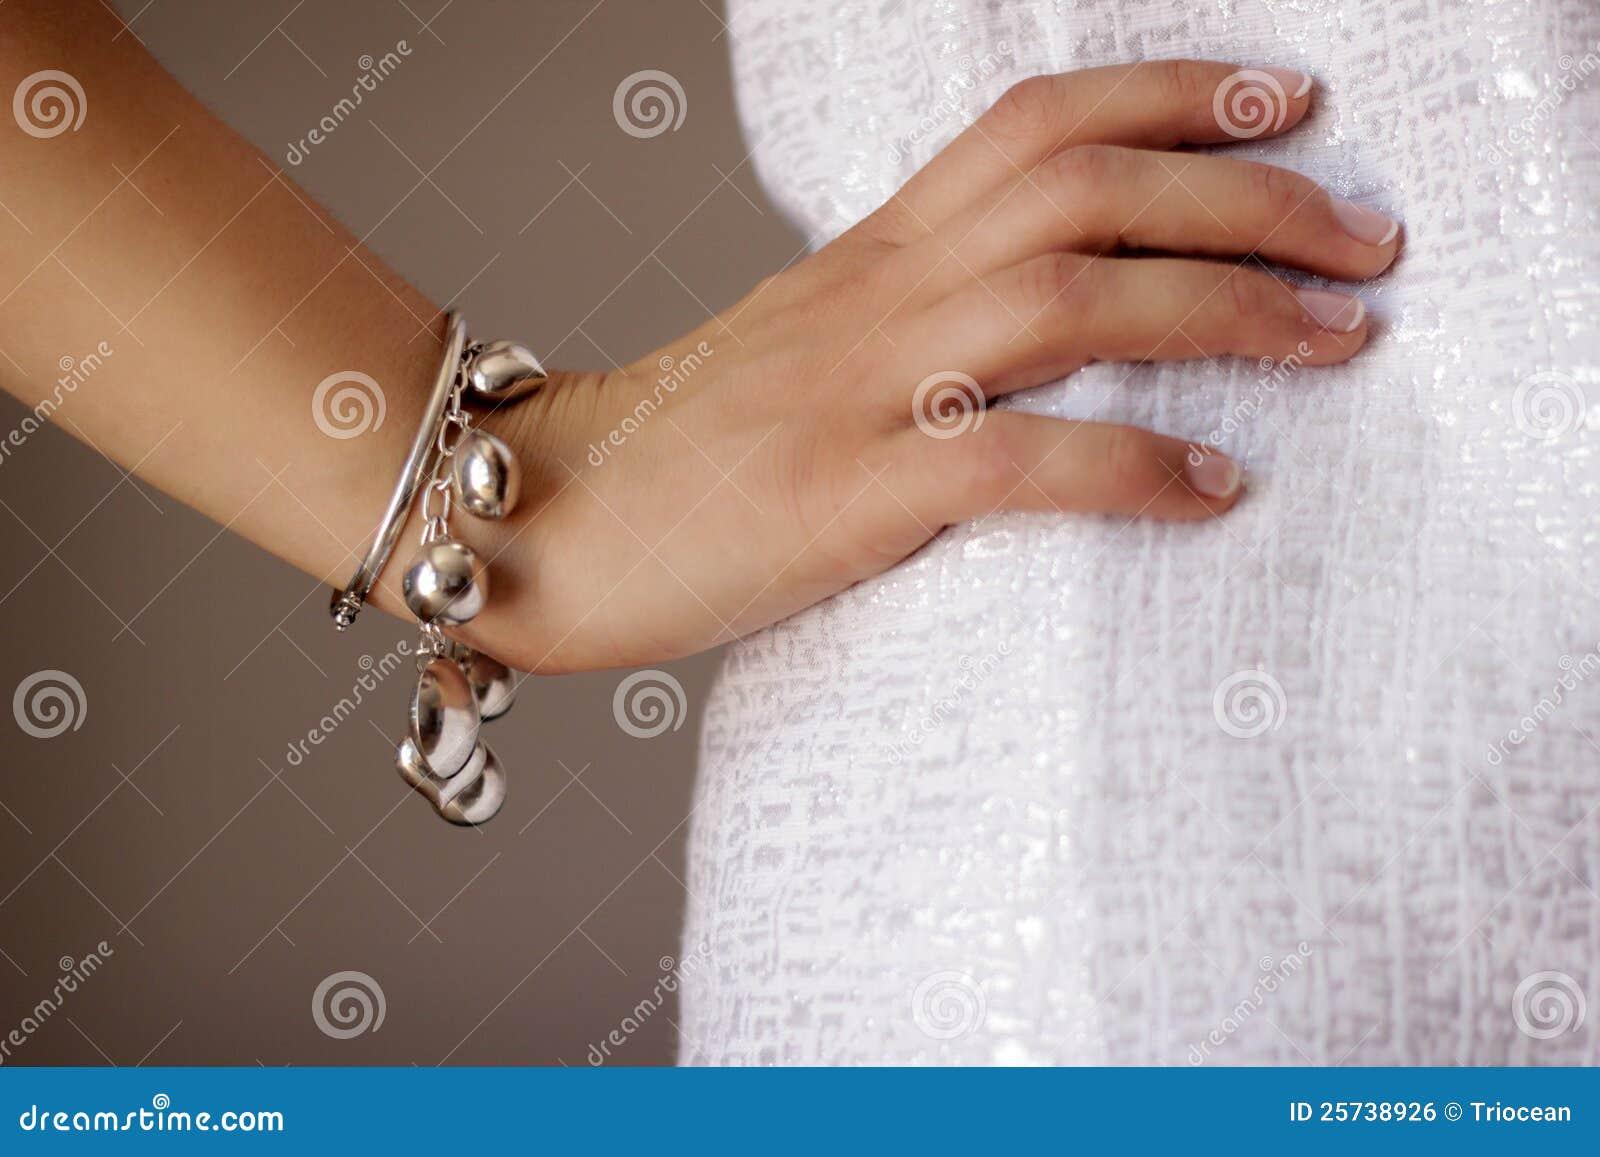 Bracelet jewelry on woman s arm